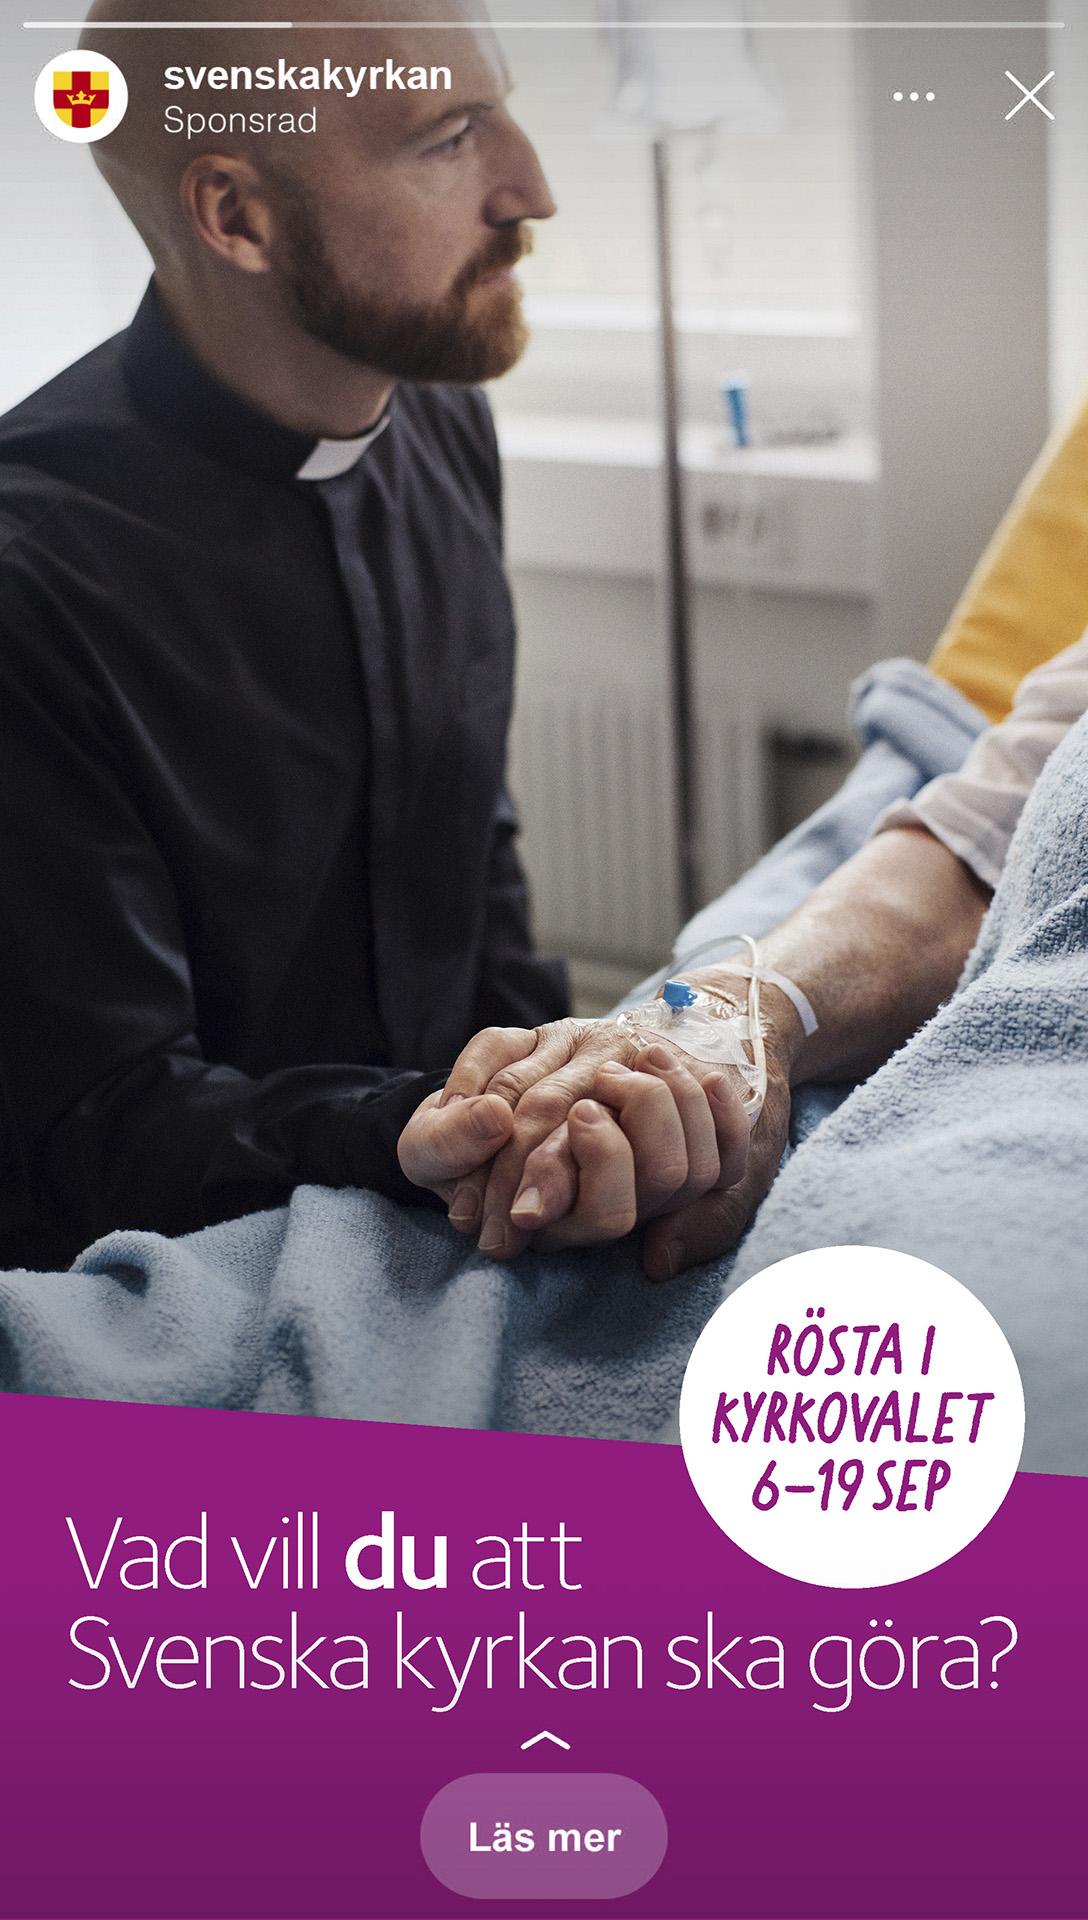 Bild från sociala medier på en läkare som håller en patients hand.